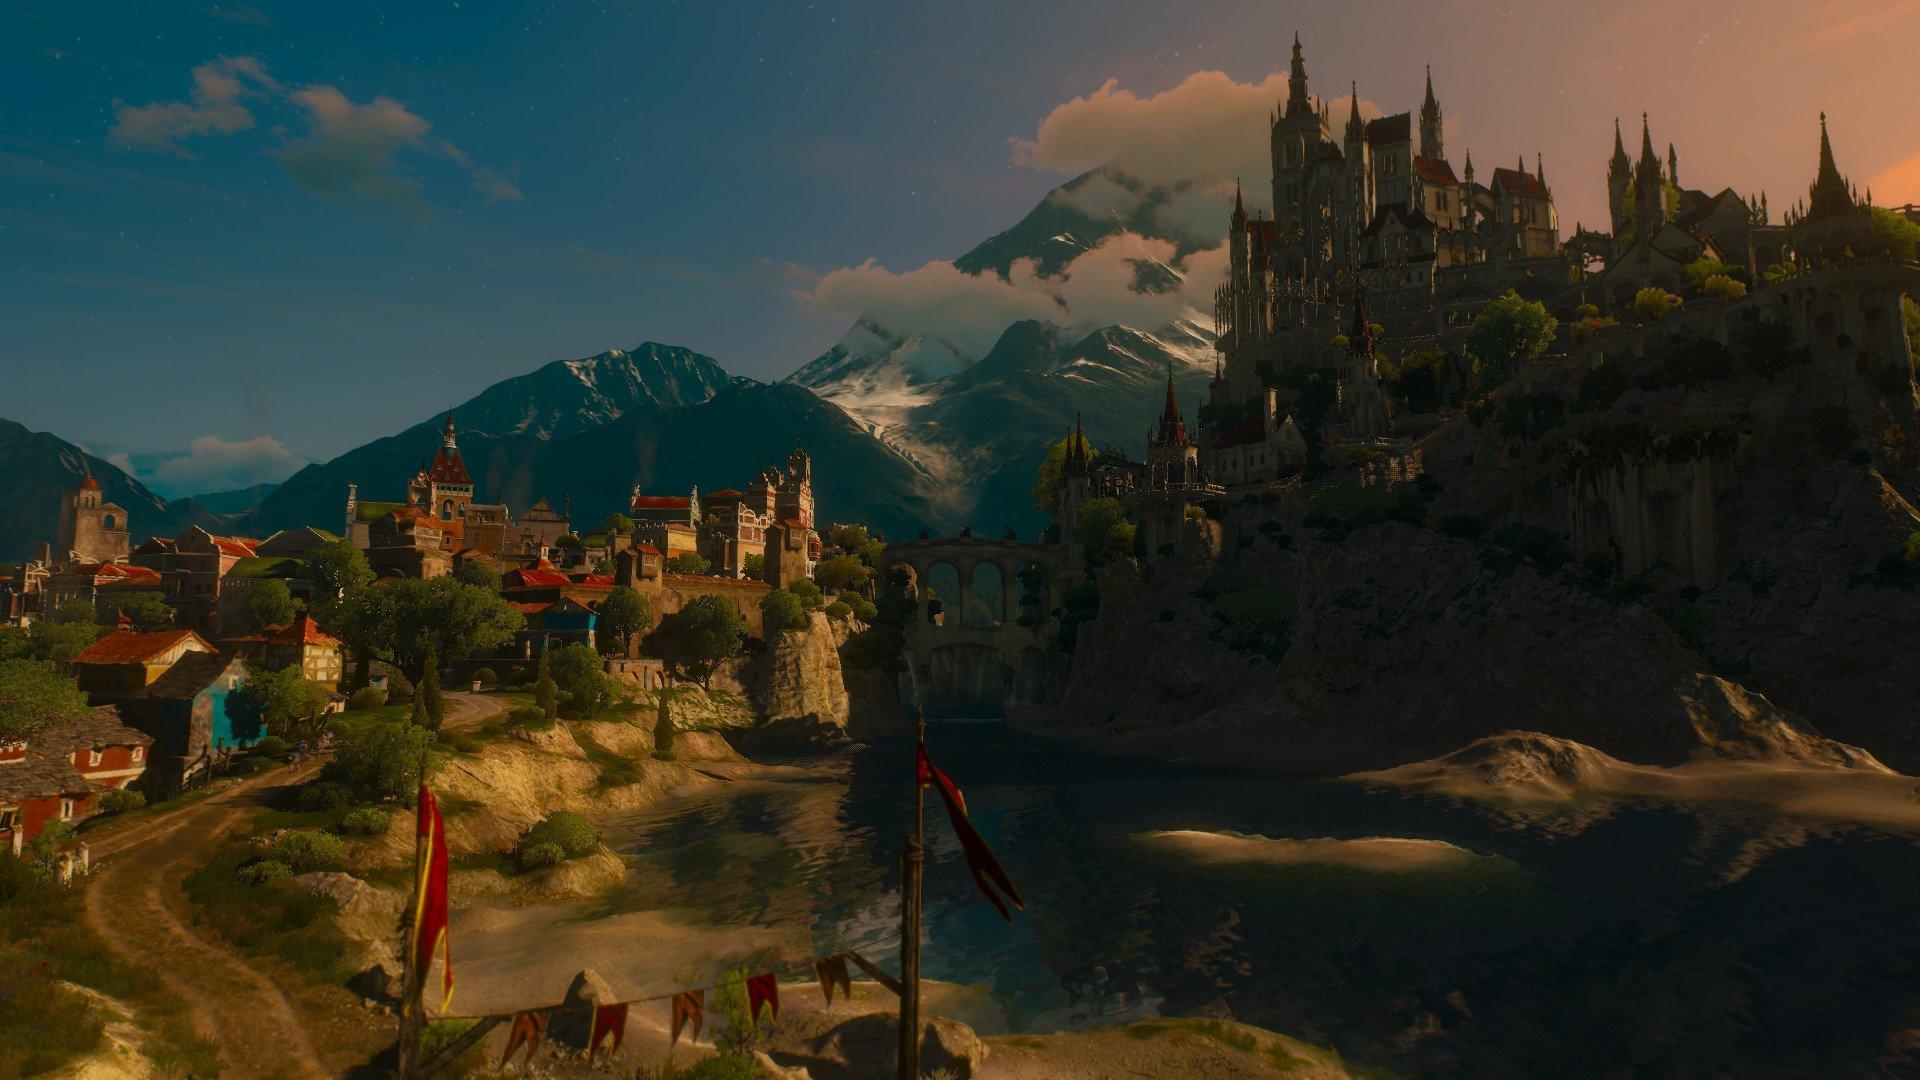 Вопль-прохождение Witcher 3: Кровь и Вино ... НАЧАЛО [ВНИМАНИЕ, ВОЗМОЖНЫ СПОЙЛЕРЫ] - Изображение 17